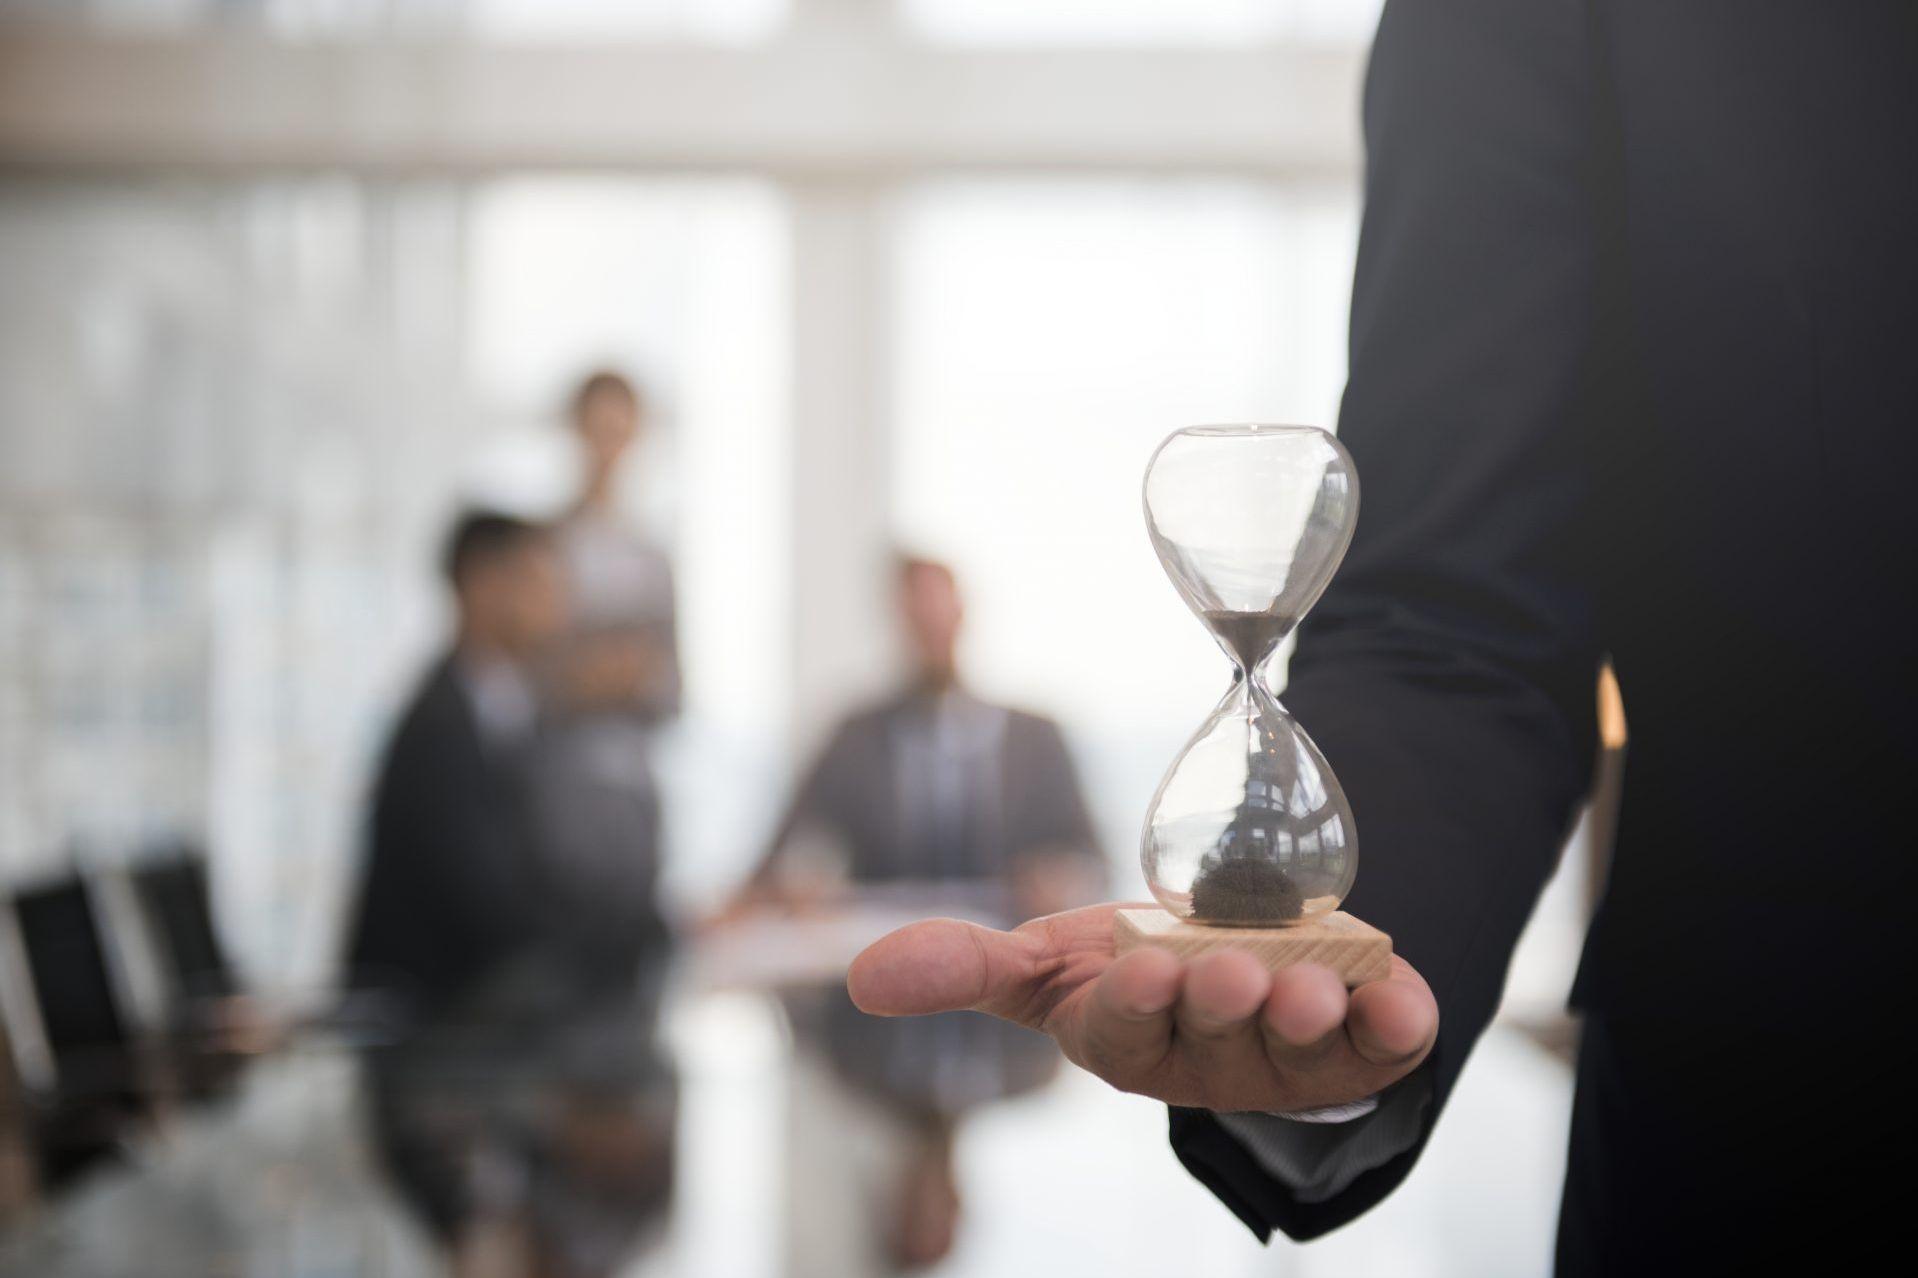 Gestão do conhecimento: como implementar e qual é o papel da liderança?